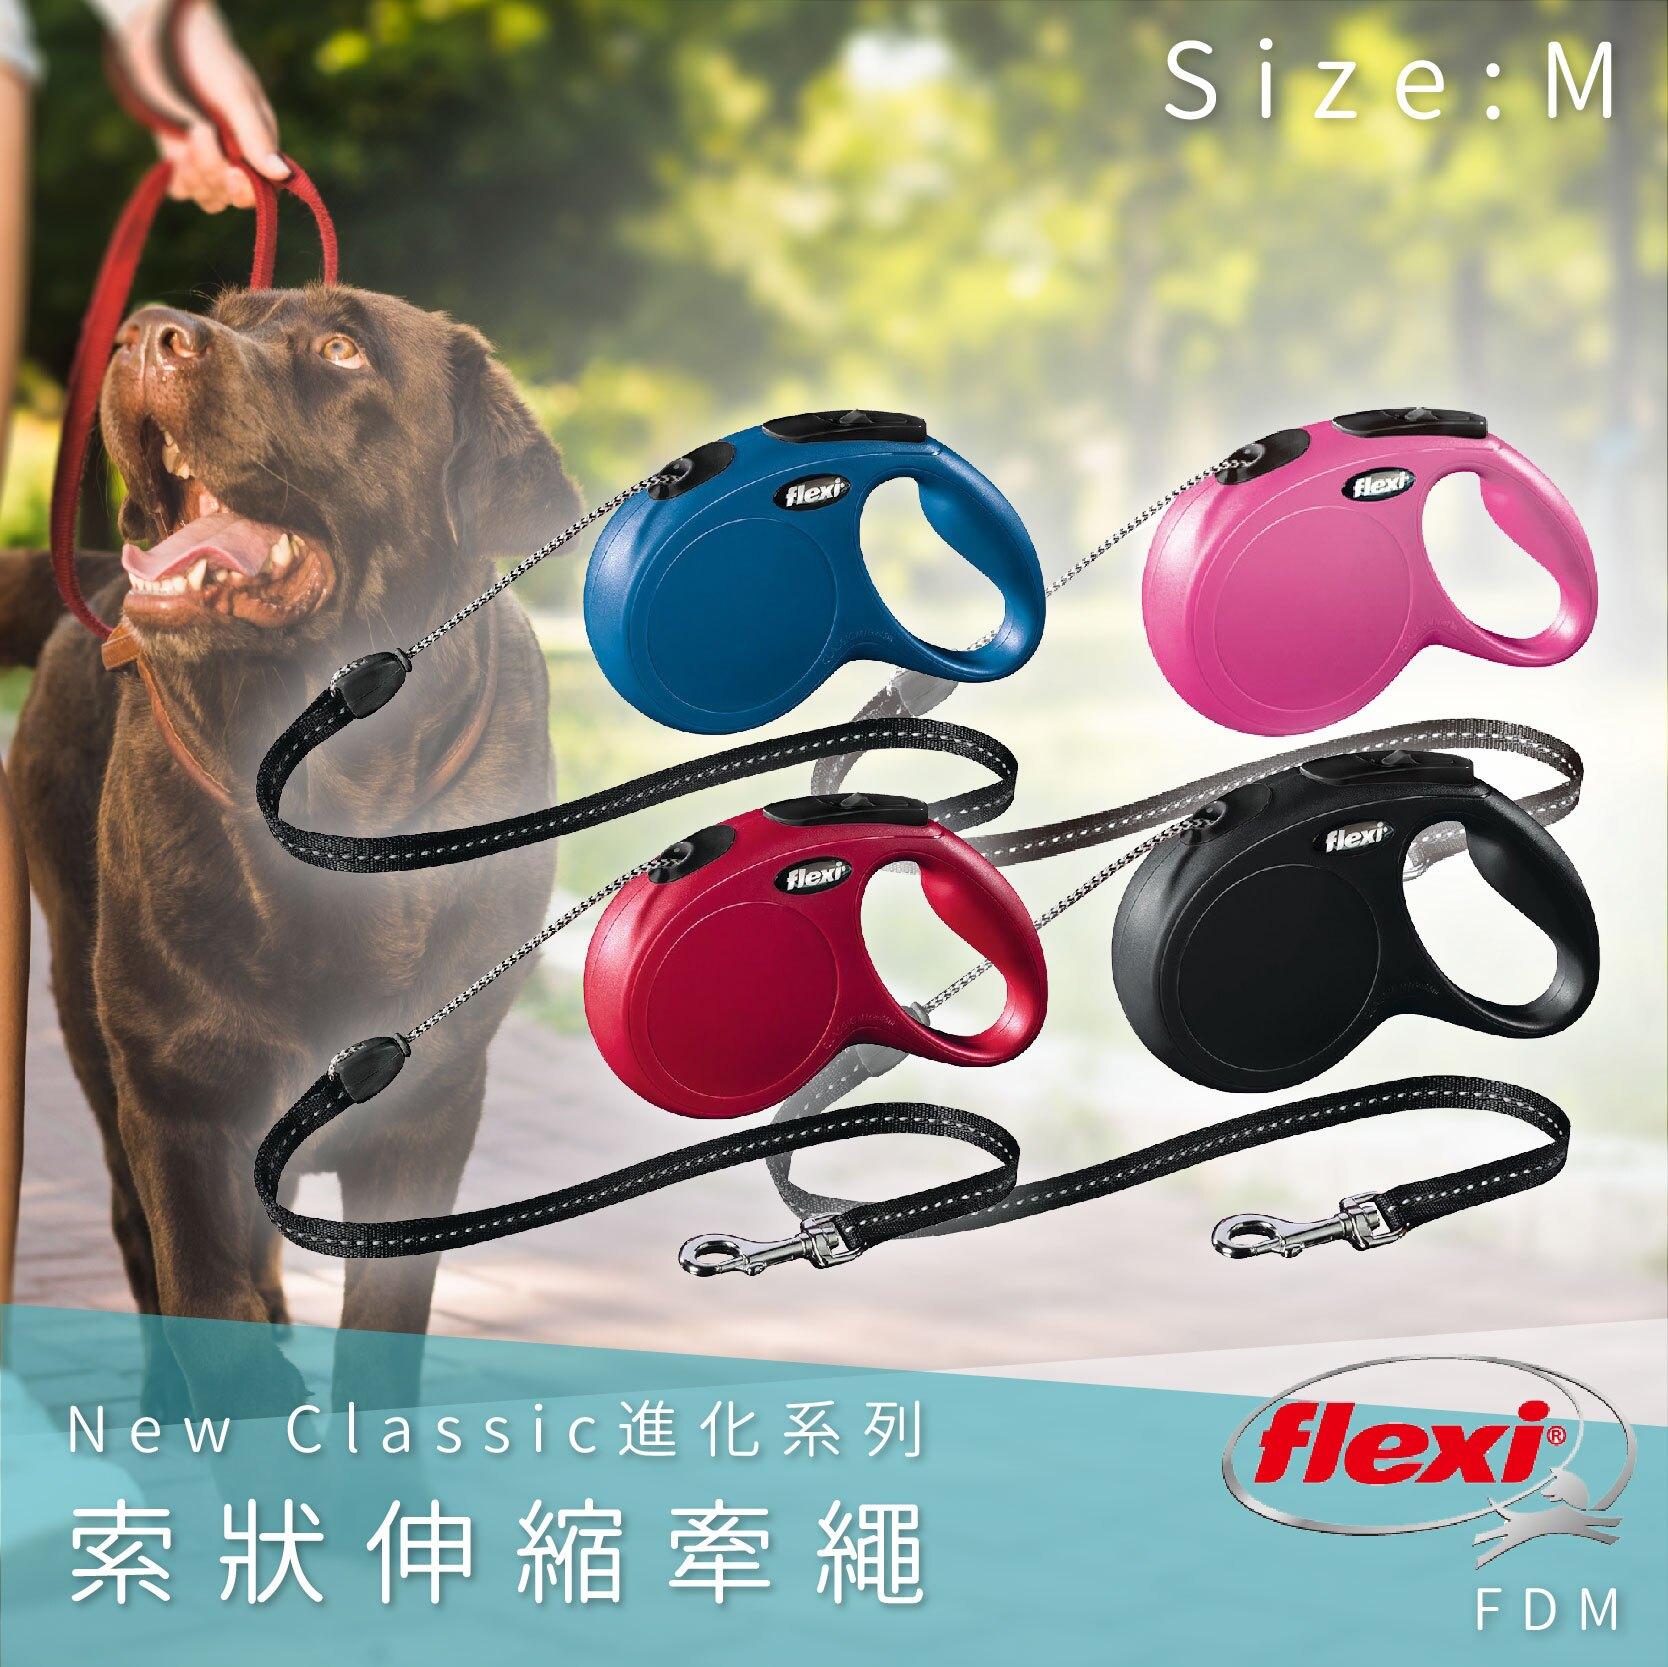 Flexi飛萊希 索狀伸縮牽繩 M FDM 進化系列 舒適握把 狗貓 外出用品 寵物用品 寵物牽繩 德國製 四色